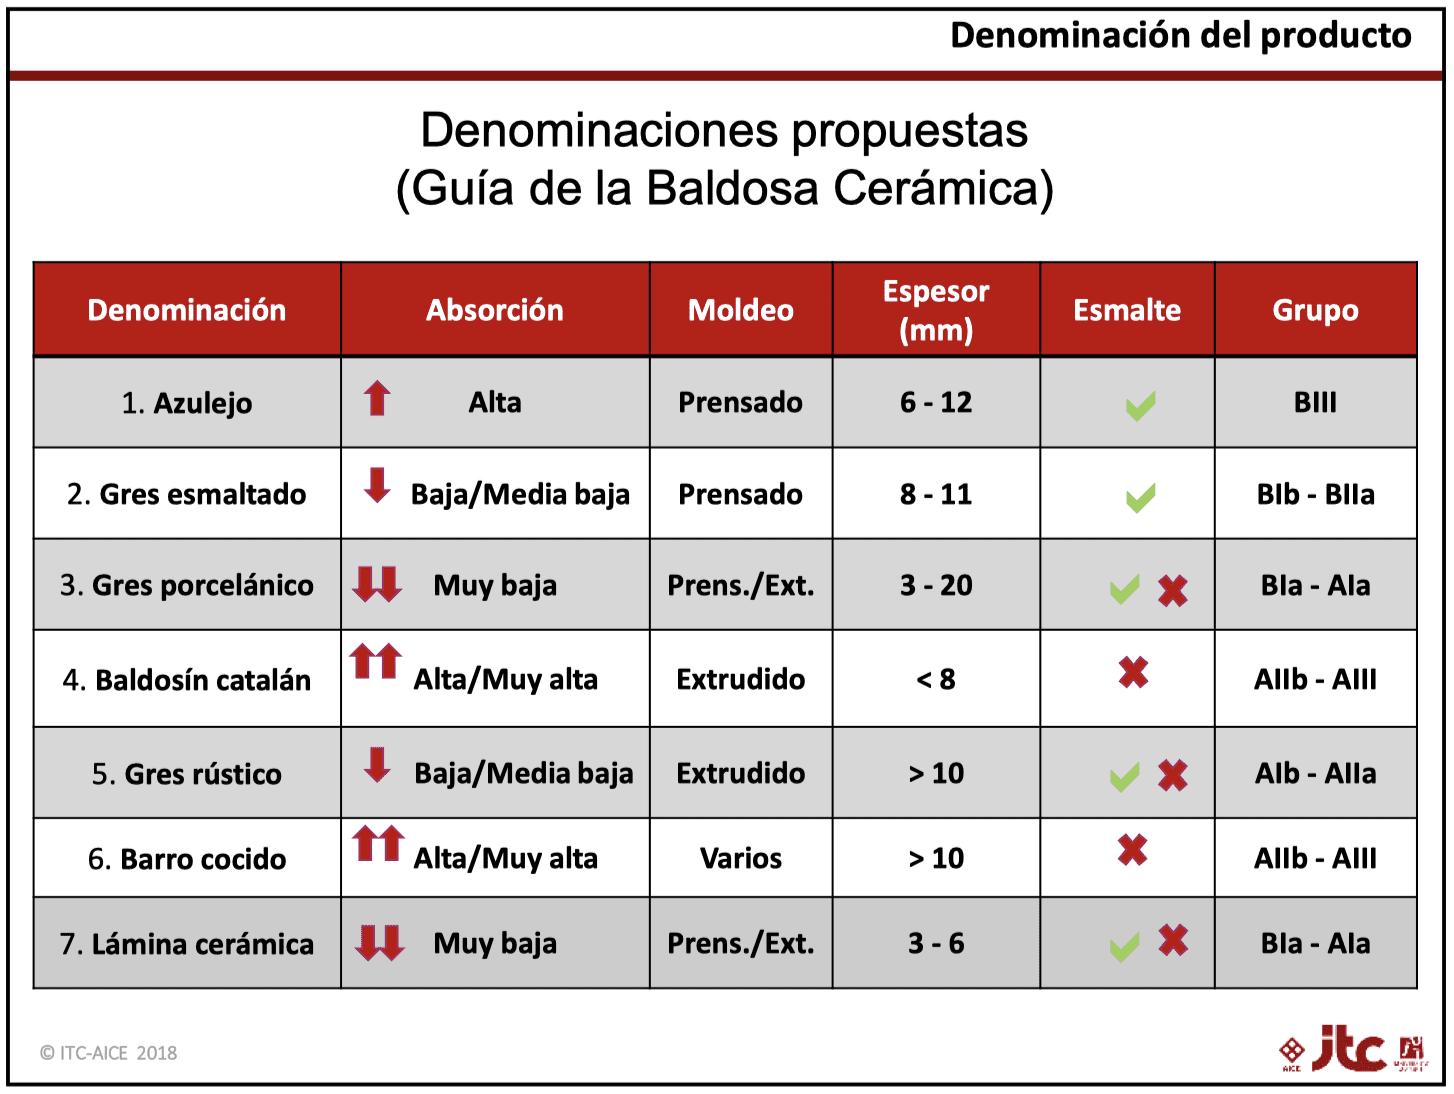 Diferencias entre azulejos porcelánicos y azulejos cerámicos - Clasificación productos cerámicos por grado de absorción